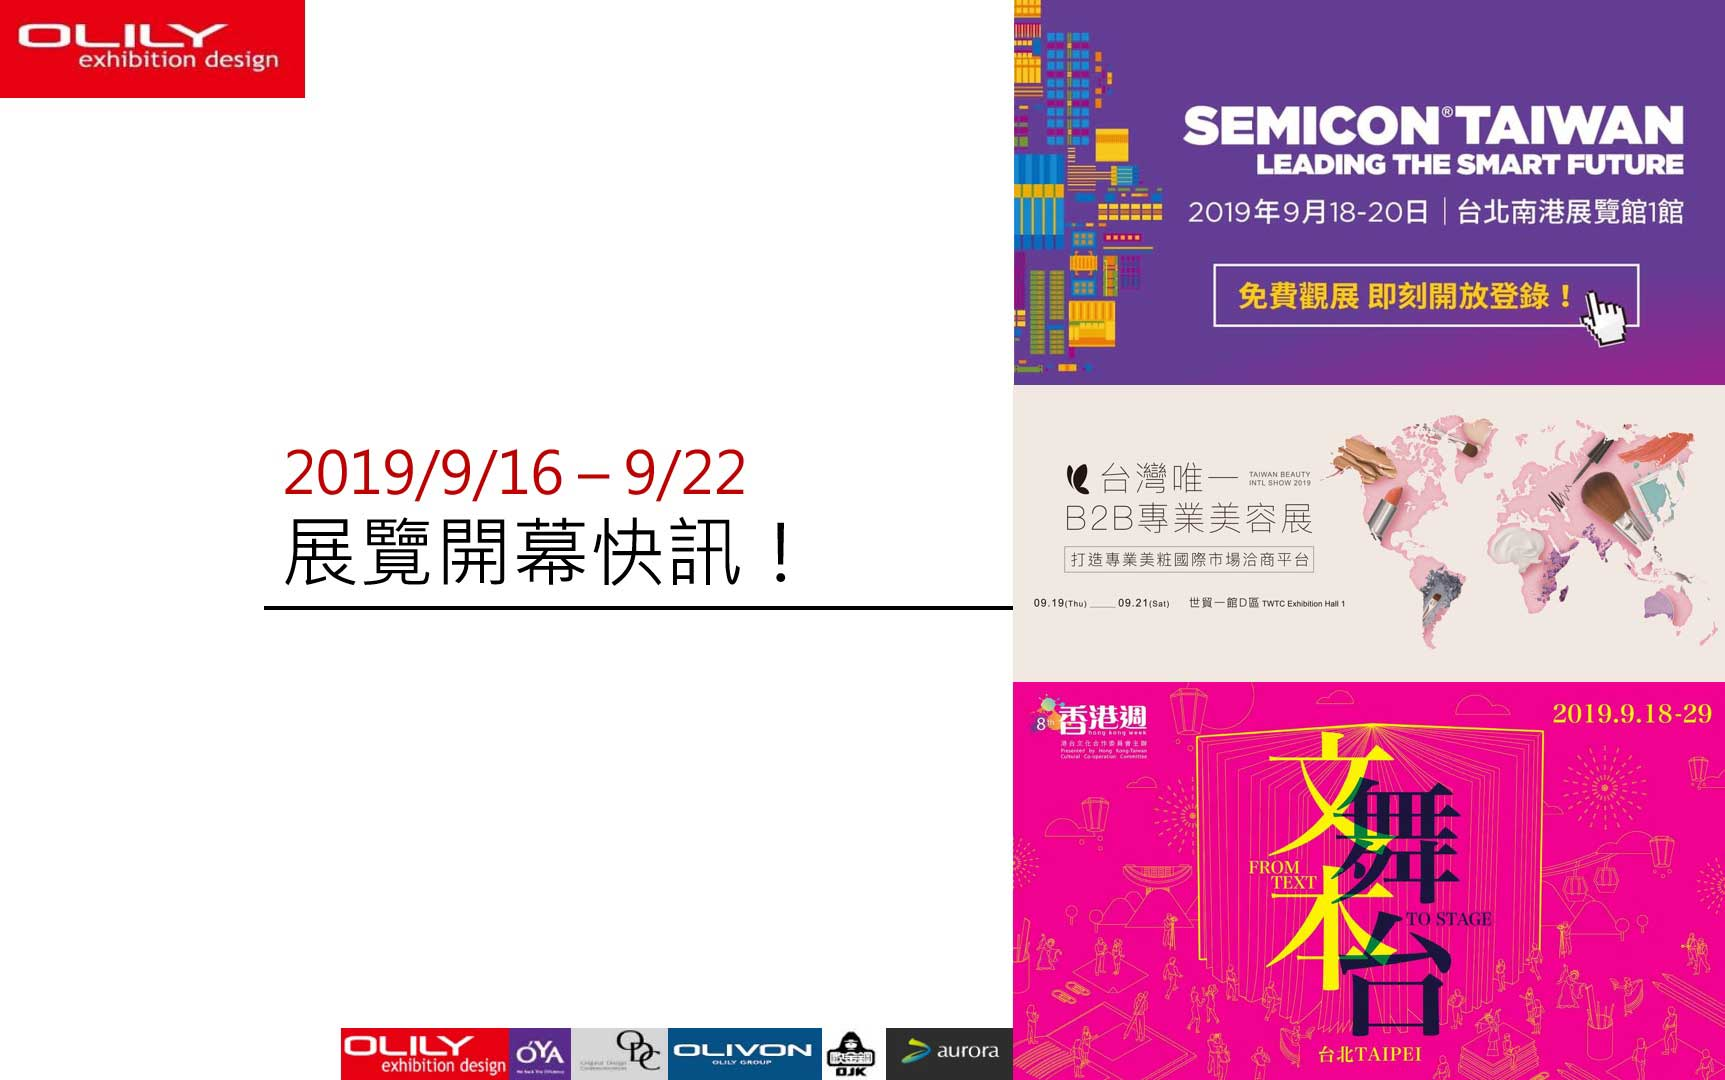 展覽資訊 - 歐也空間 攤位設計 商業空間設計 公司推薦